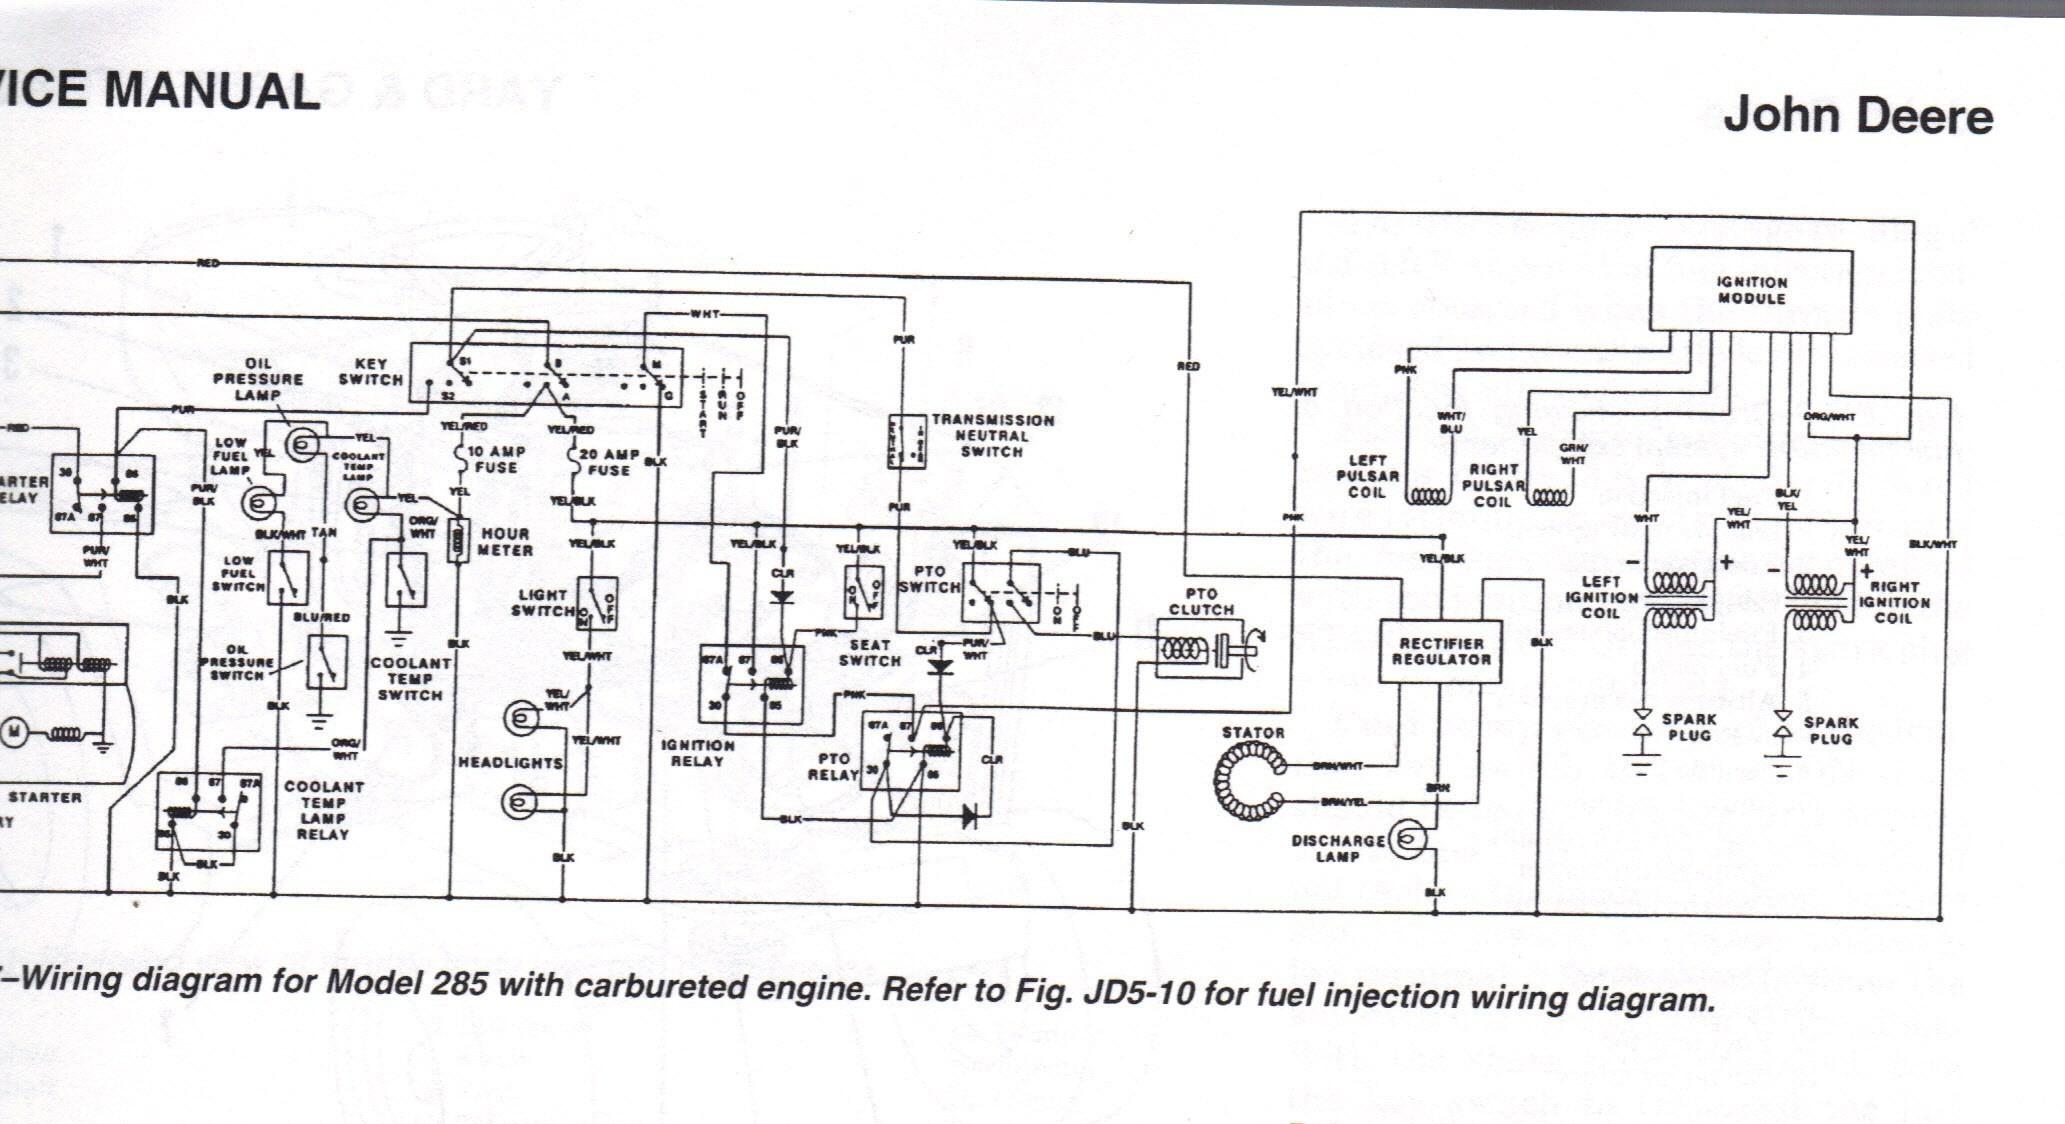 John Deere 318 Wiring Diagram Ww 1570] for John Deere 1050 Tractor Wiring Diagram Free Diagram Of John Deere 318 Wiring Diagram